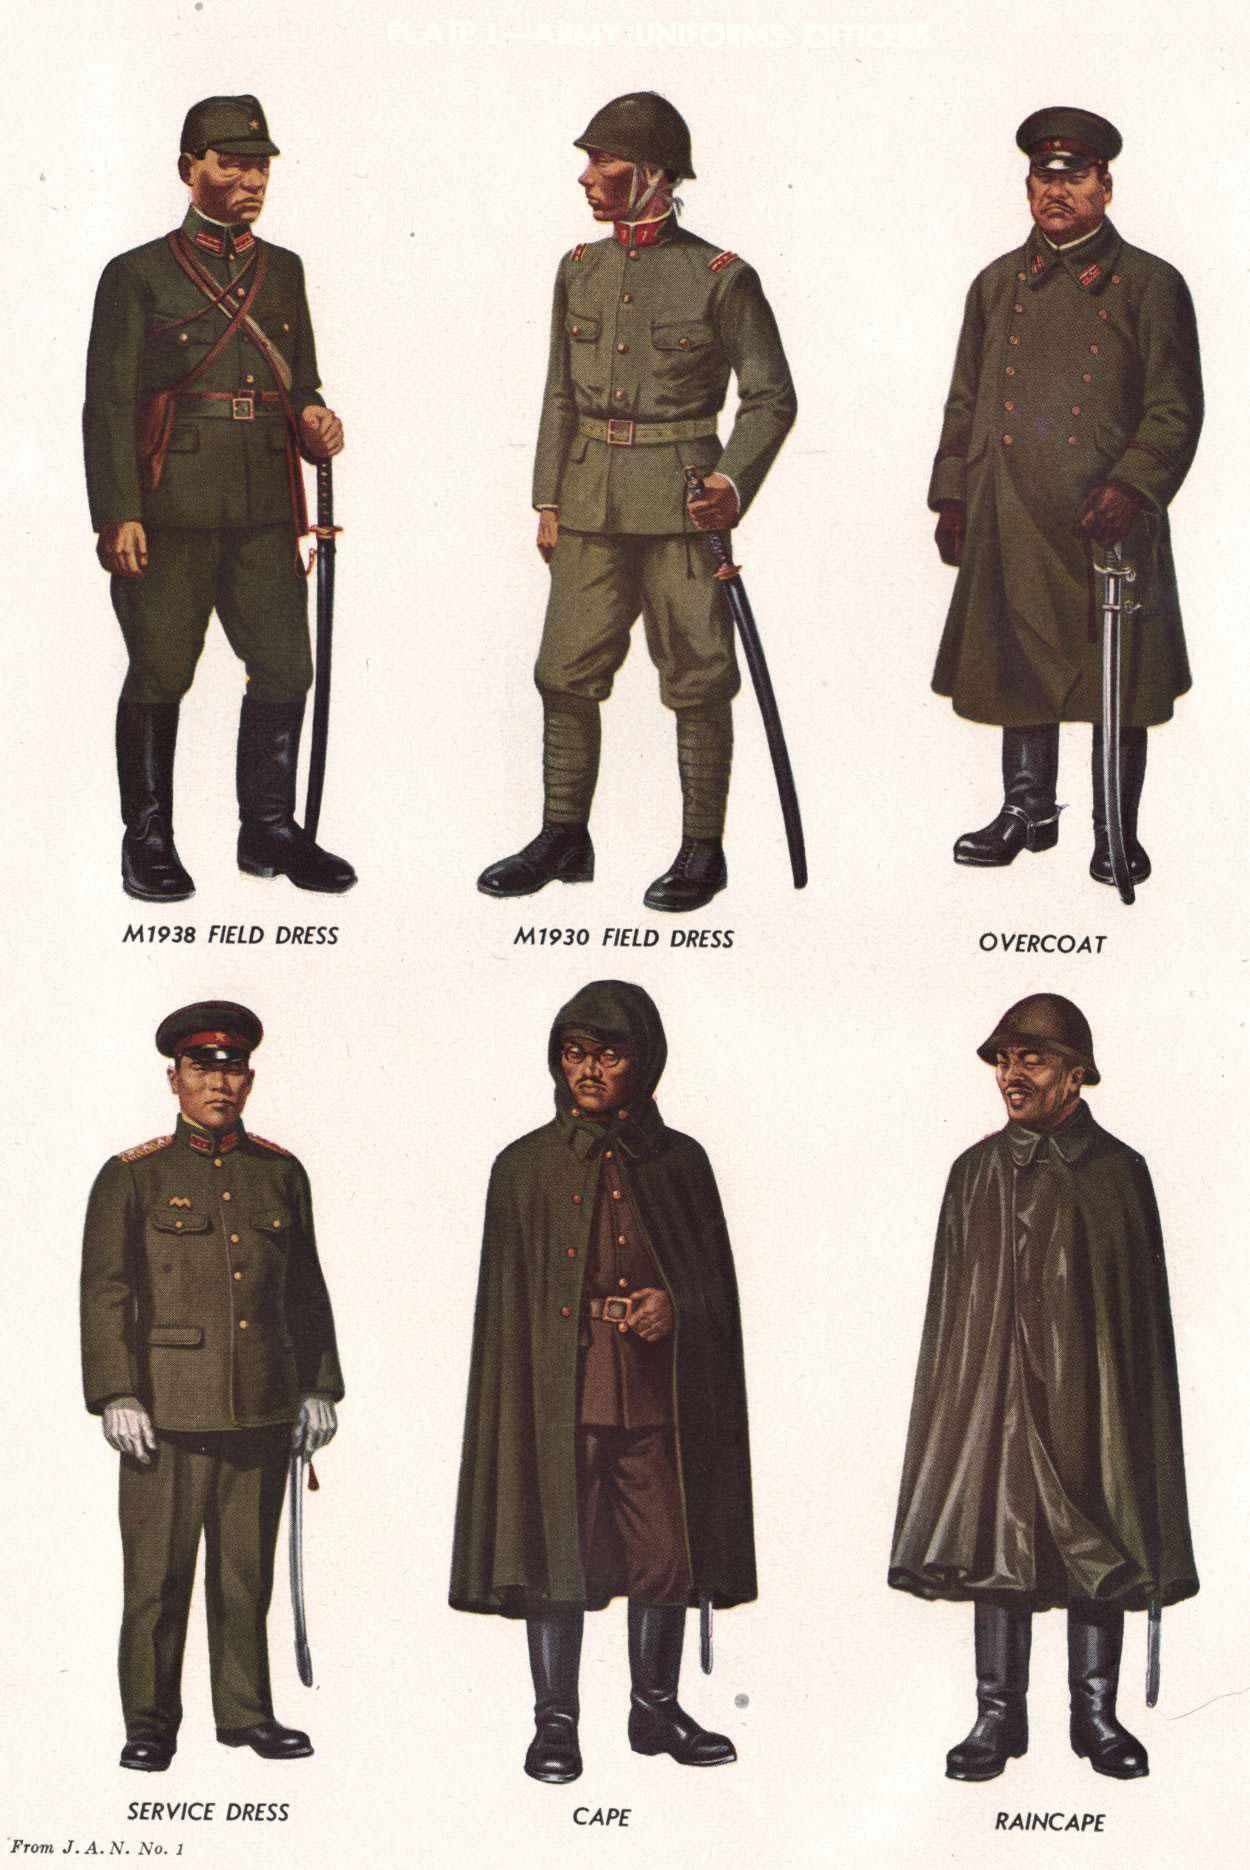 Uniformes et équipement de l'Armée impériale japonaise 1930- Hb-11-1